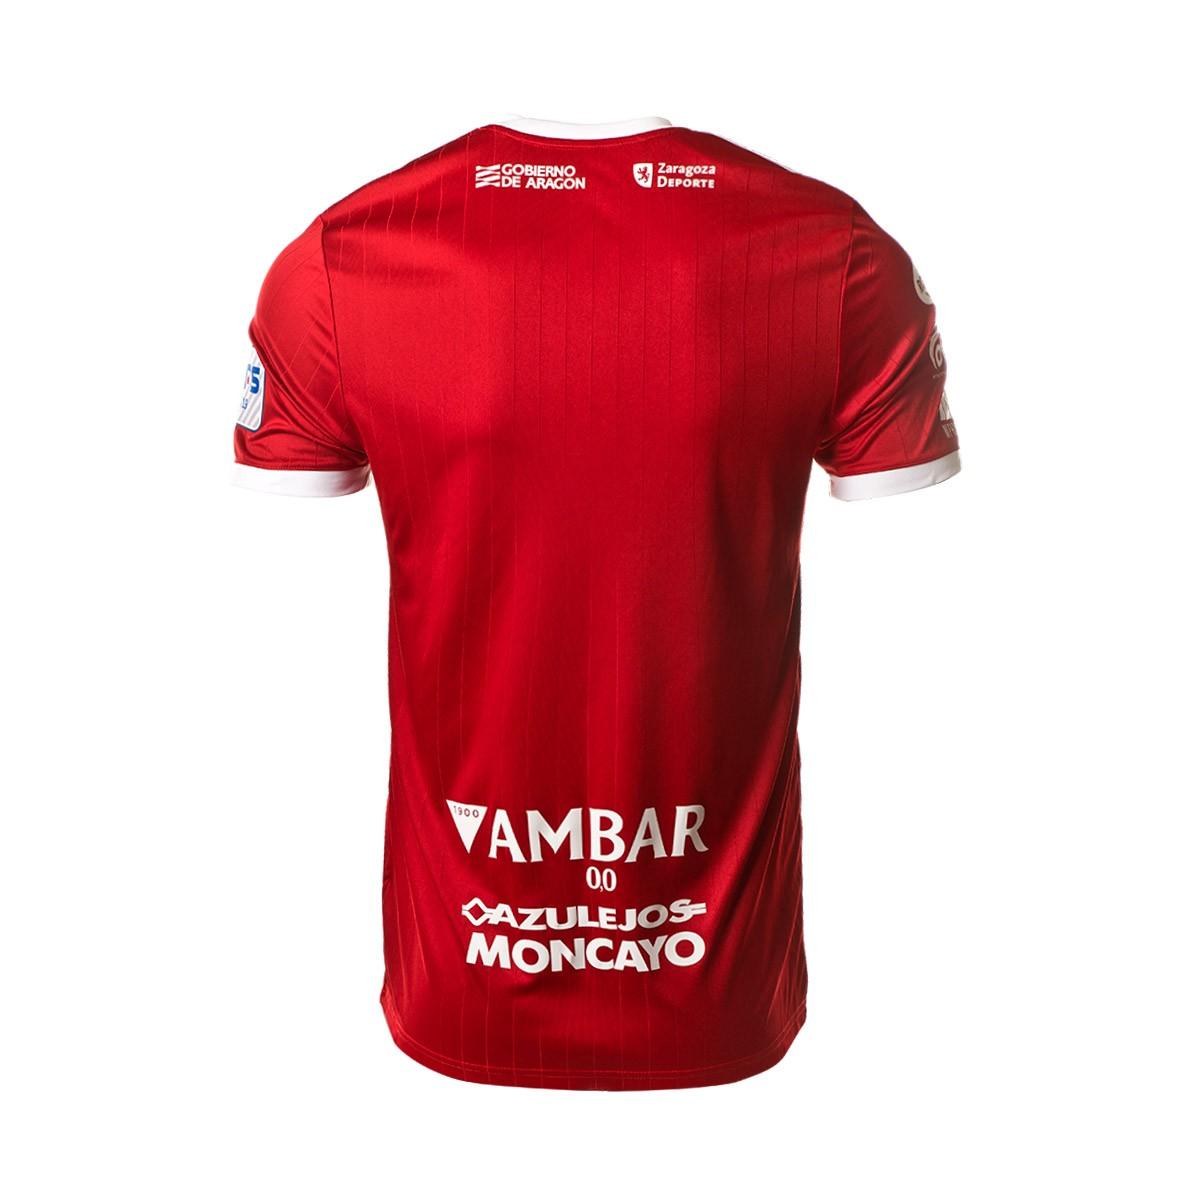 48edcbf5ef32a Camiseta adidas Fútbol Emotion Zaragoza 2ª Equipación 18 19 Rojo-Blanco -  Tienda de fútbol Fútbol Emotion